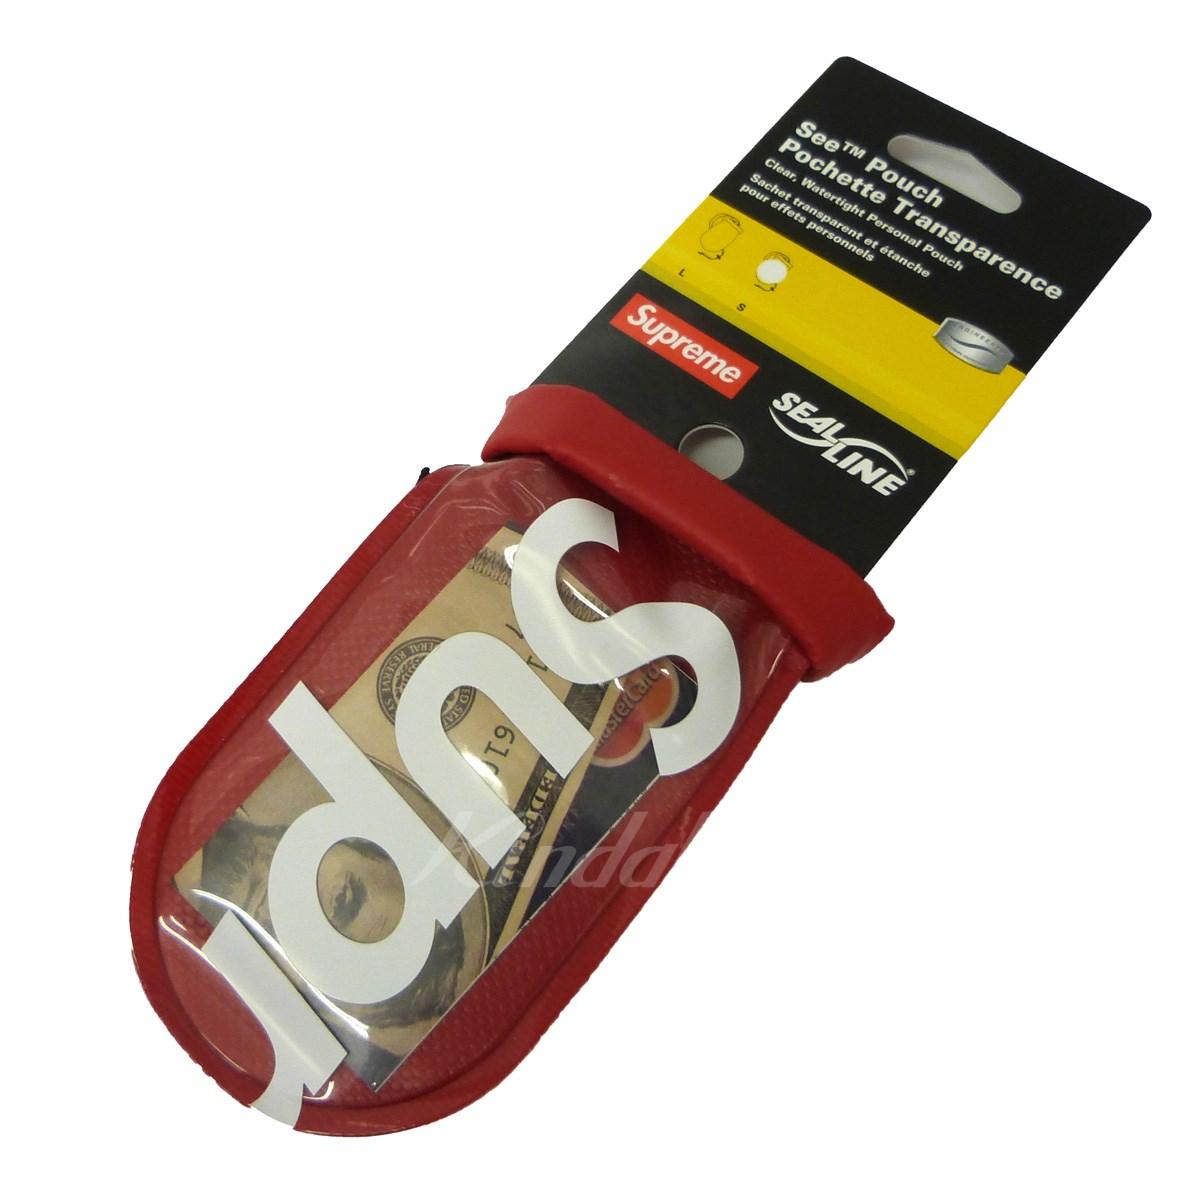 【中古】SUPREME 18SS「SealLine See Piuch Small」シーポーチ レッド サイズ:- 【送料無料】 【210618】(シュプリーム)